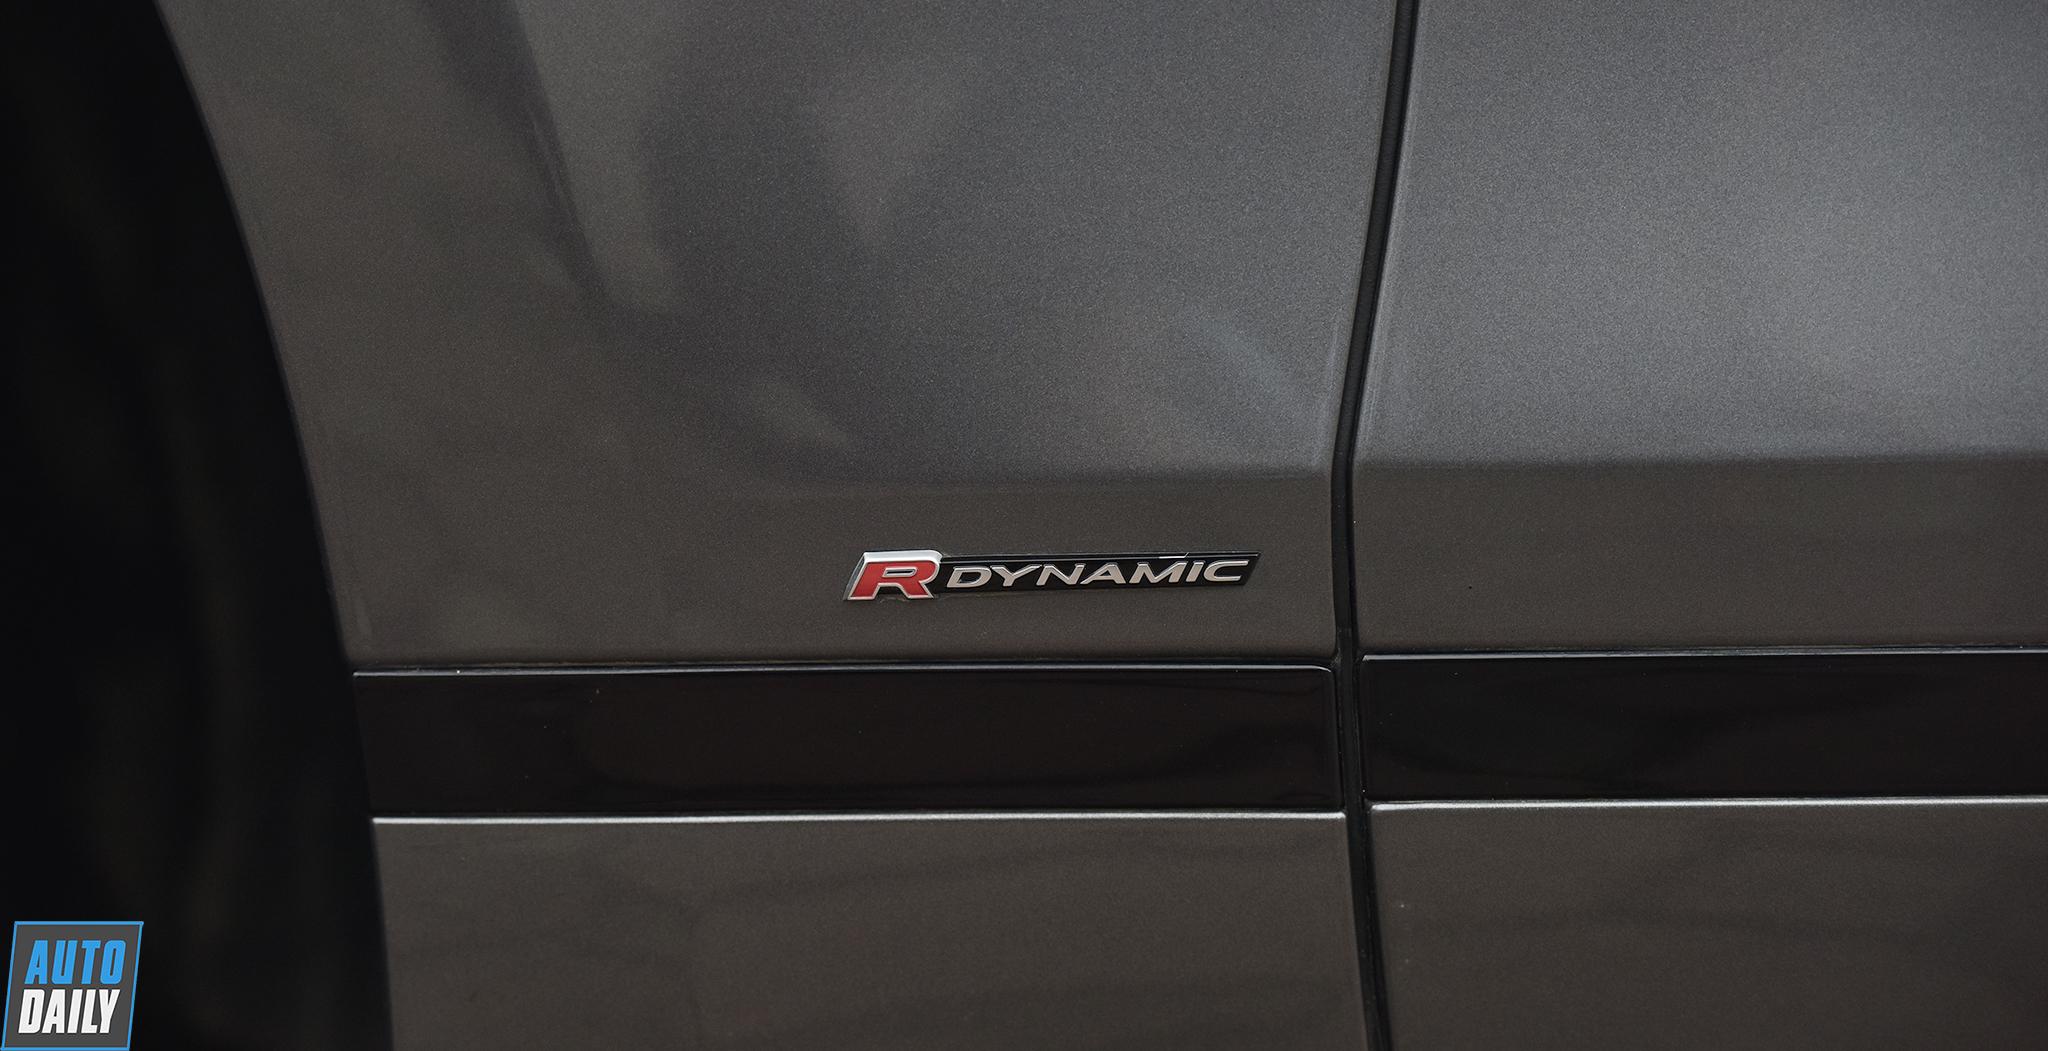 range-rover-velar-autodaily-1.jpg